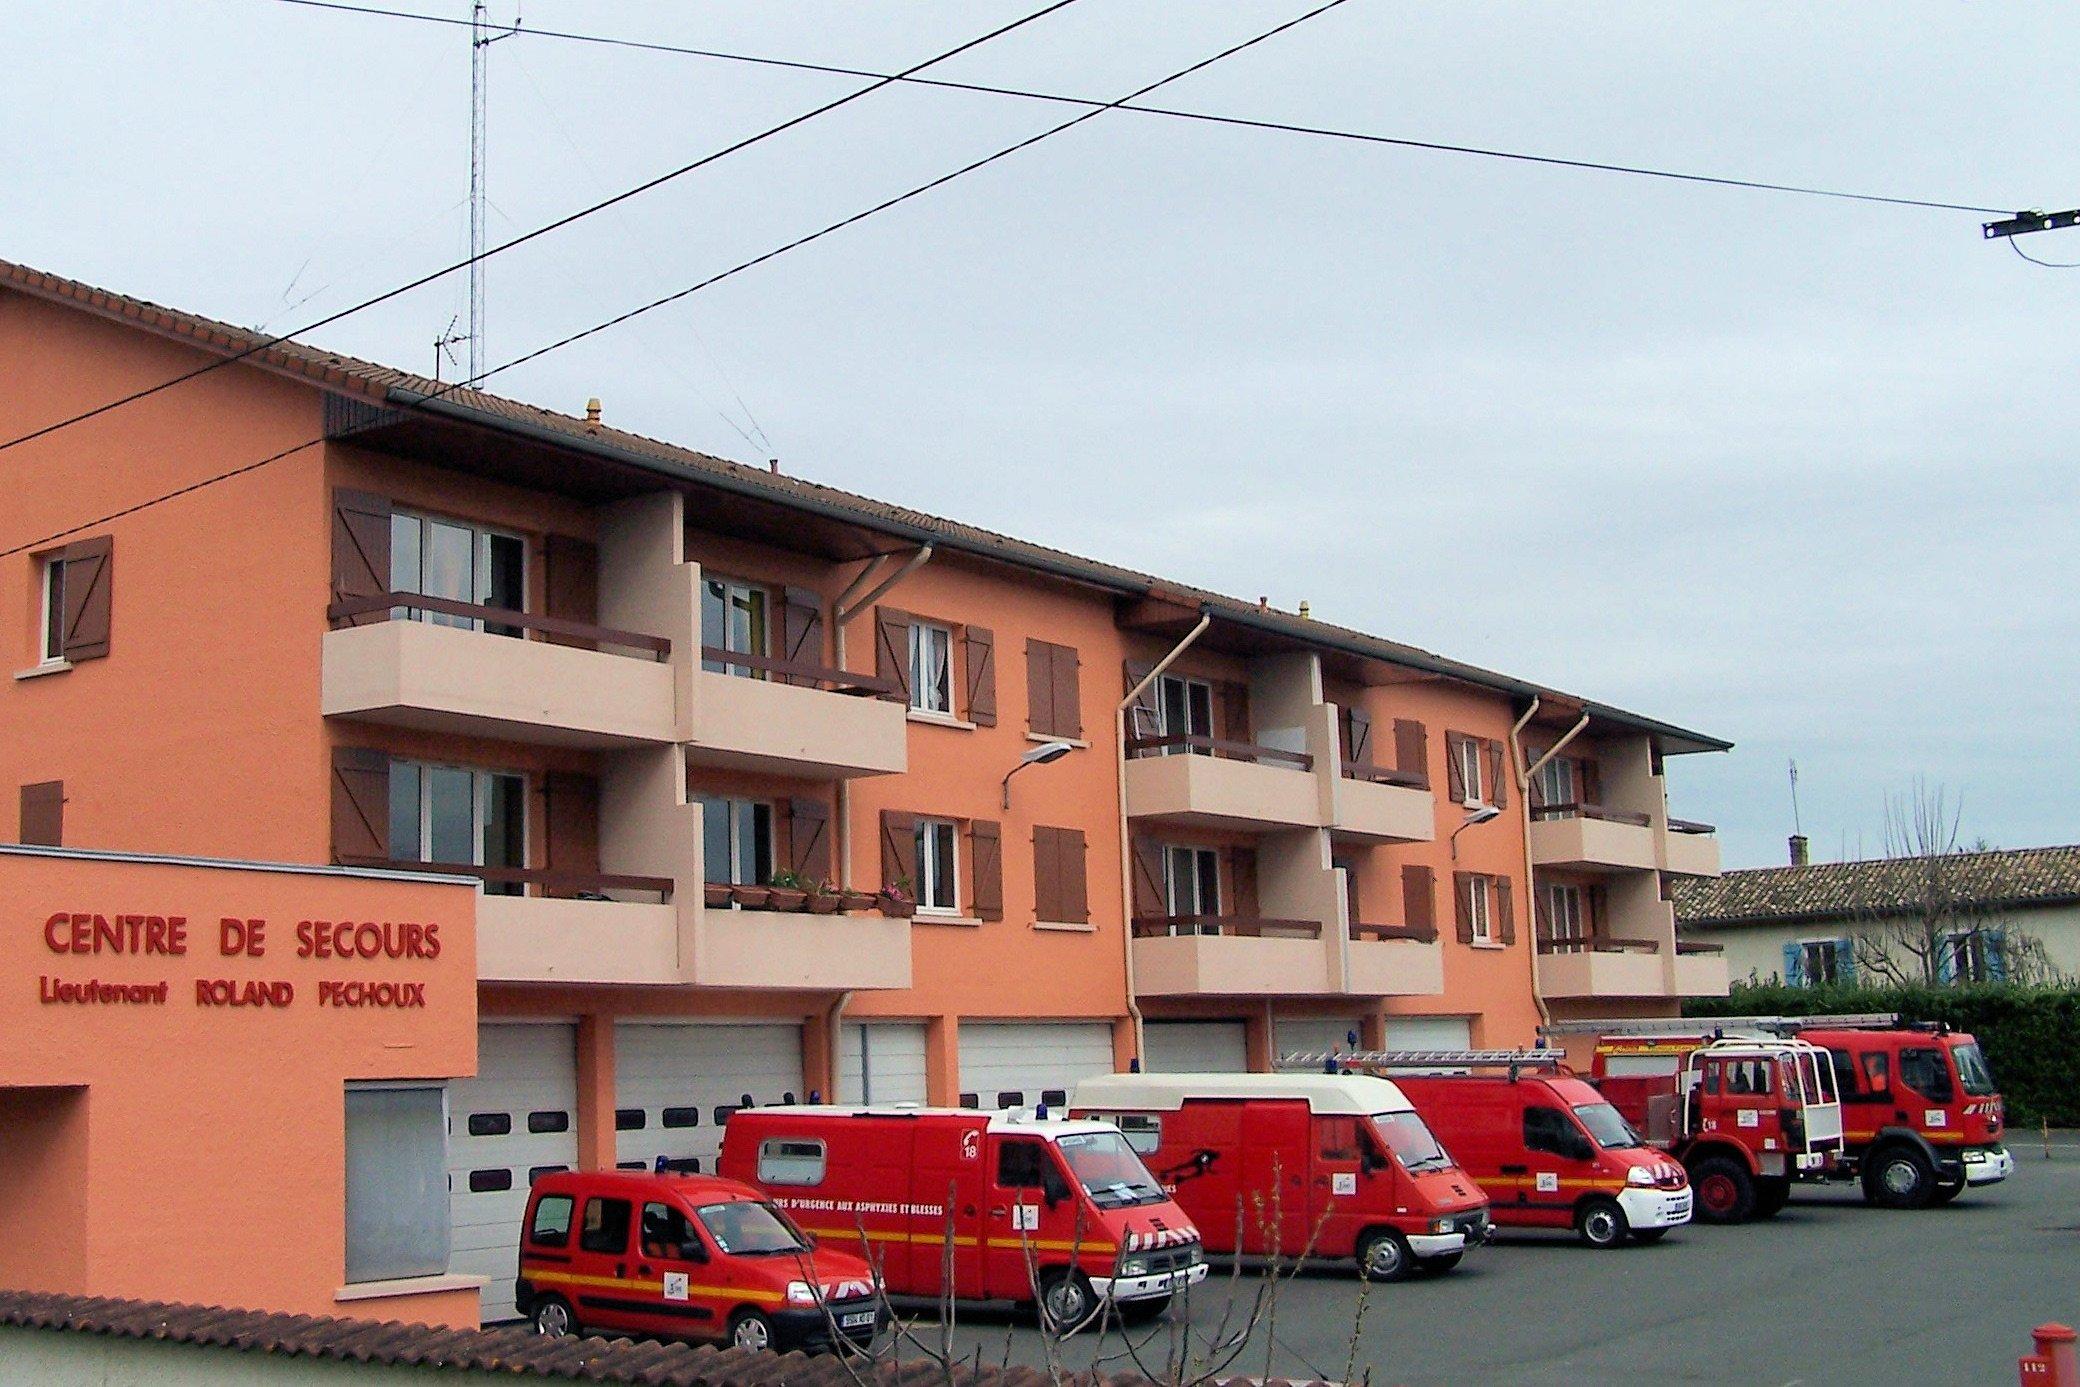 centre de secours Roland Péchoux